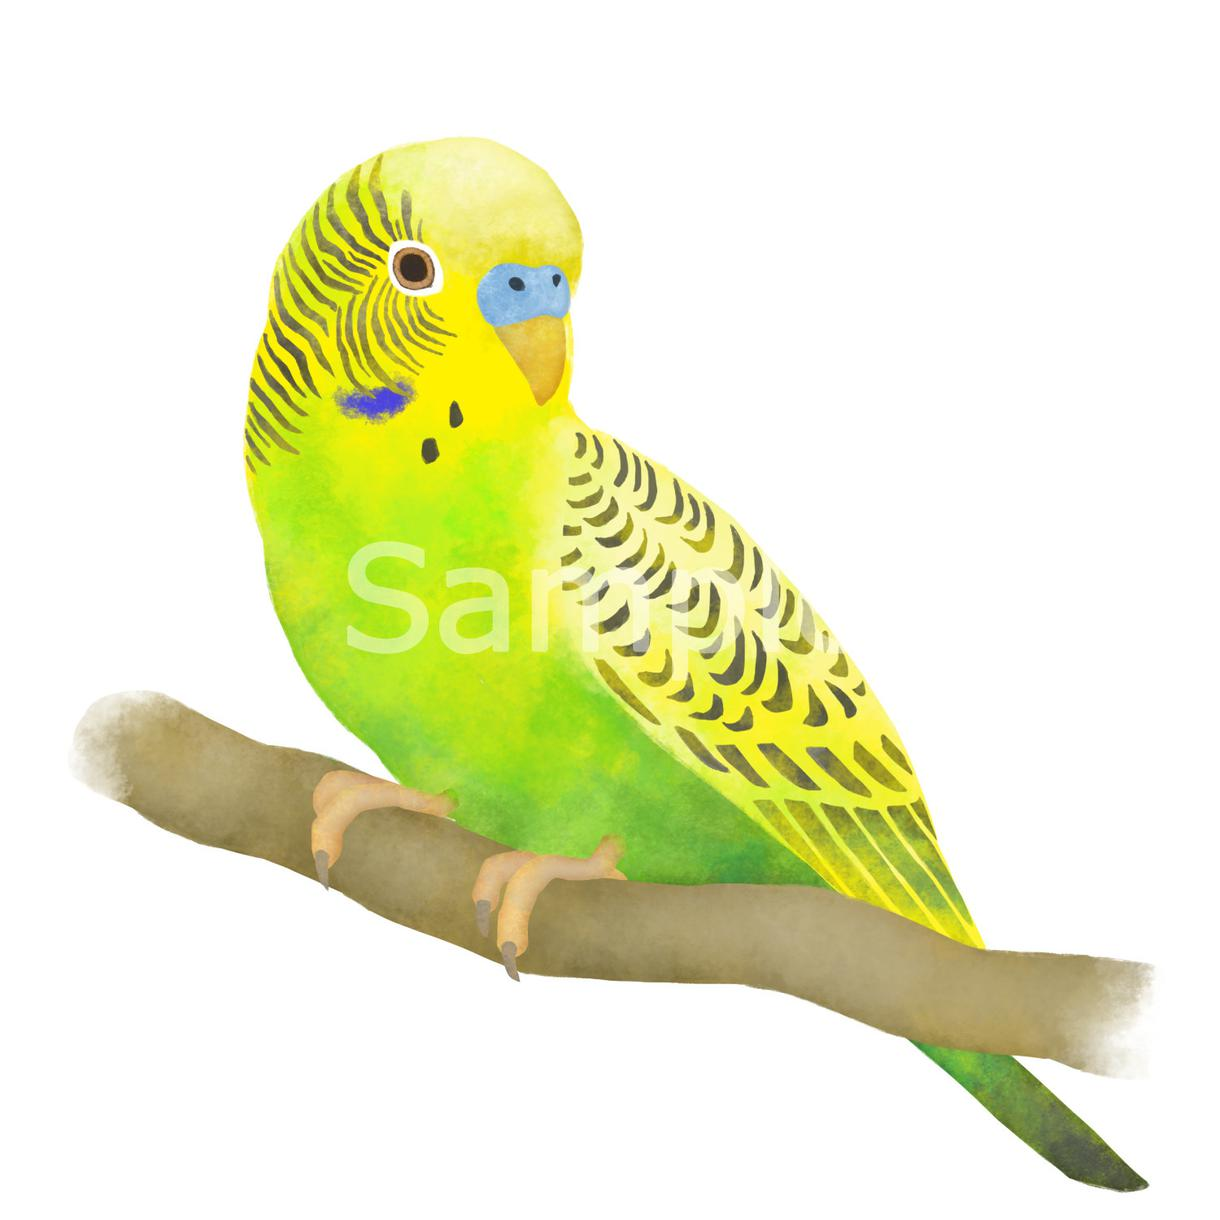 動物のイラストを水彩画風の優しいタッチで制作します ~挿絵やアイコン、プレゼントなどに~